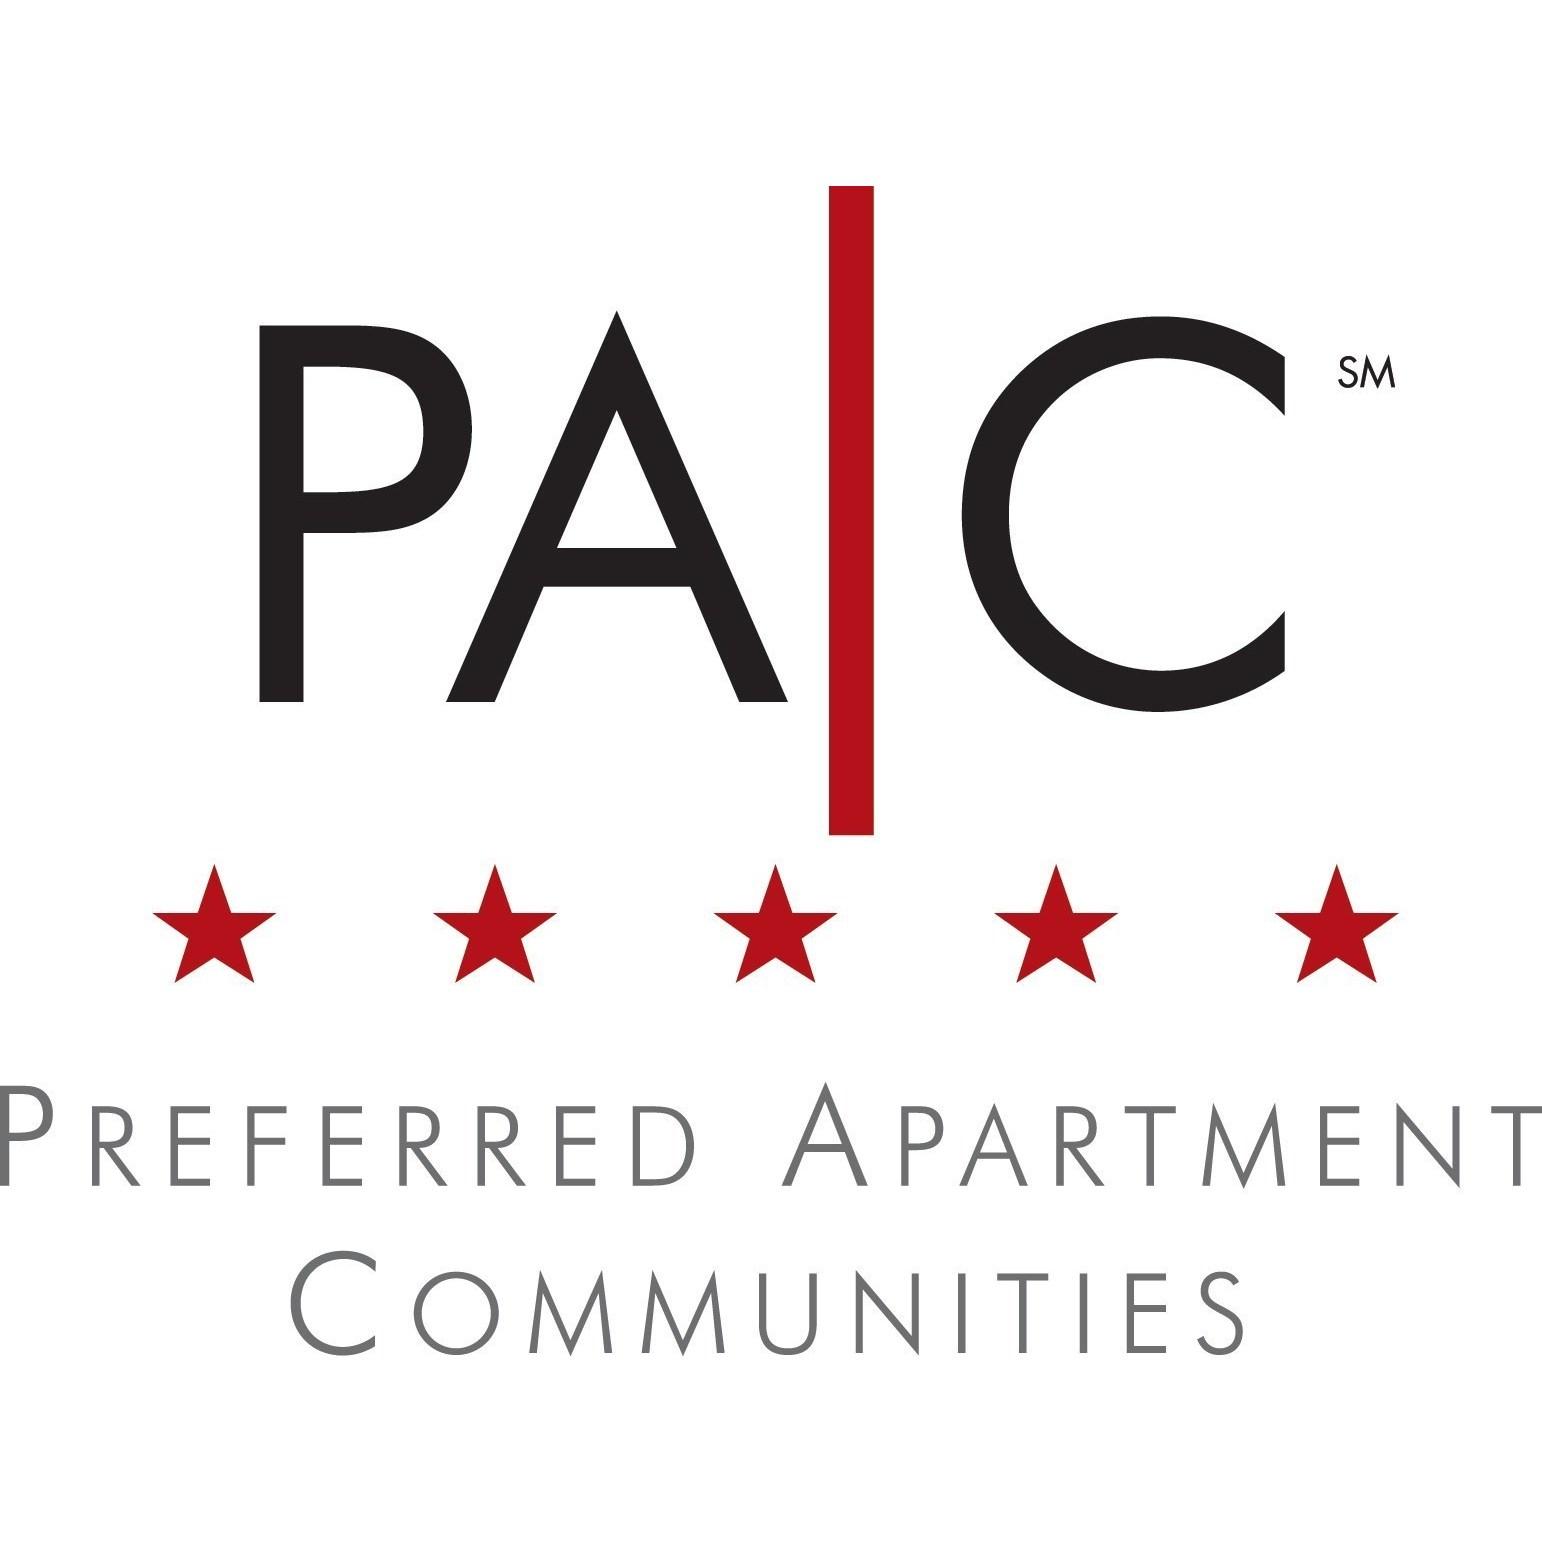 Preferred Apartment Communities Inc